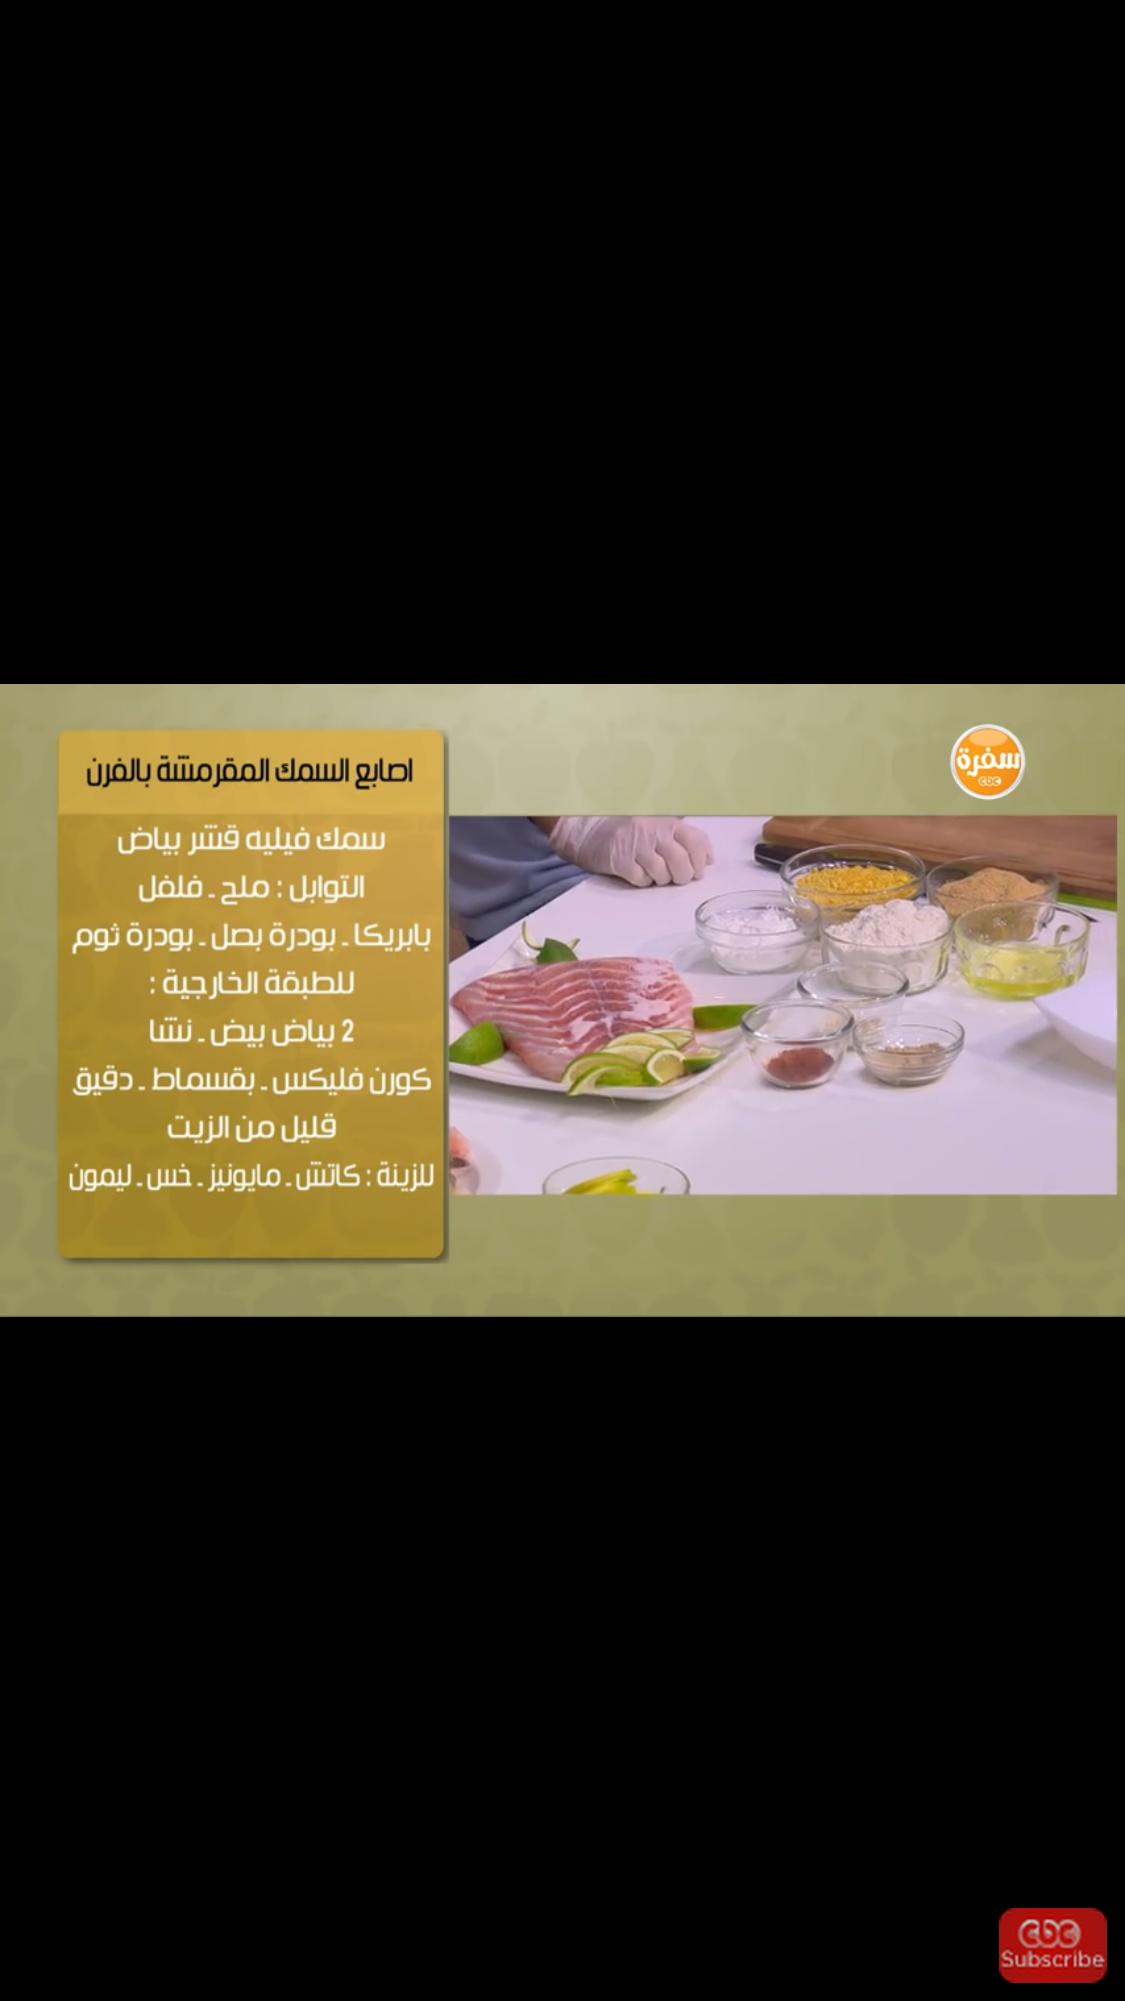 فيلية قشر بياض طازة Food Fruit Grapefruit